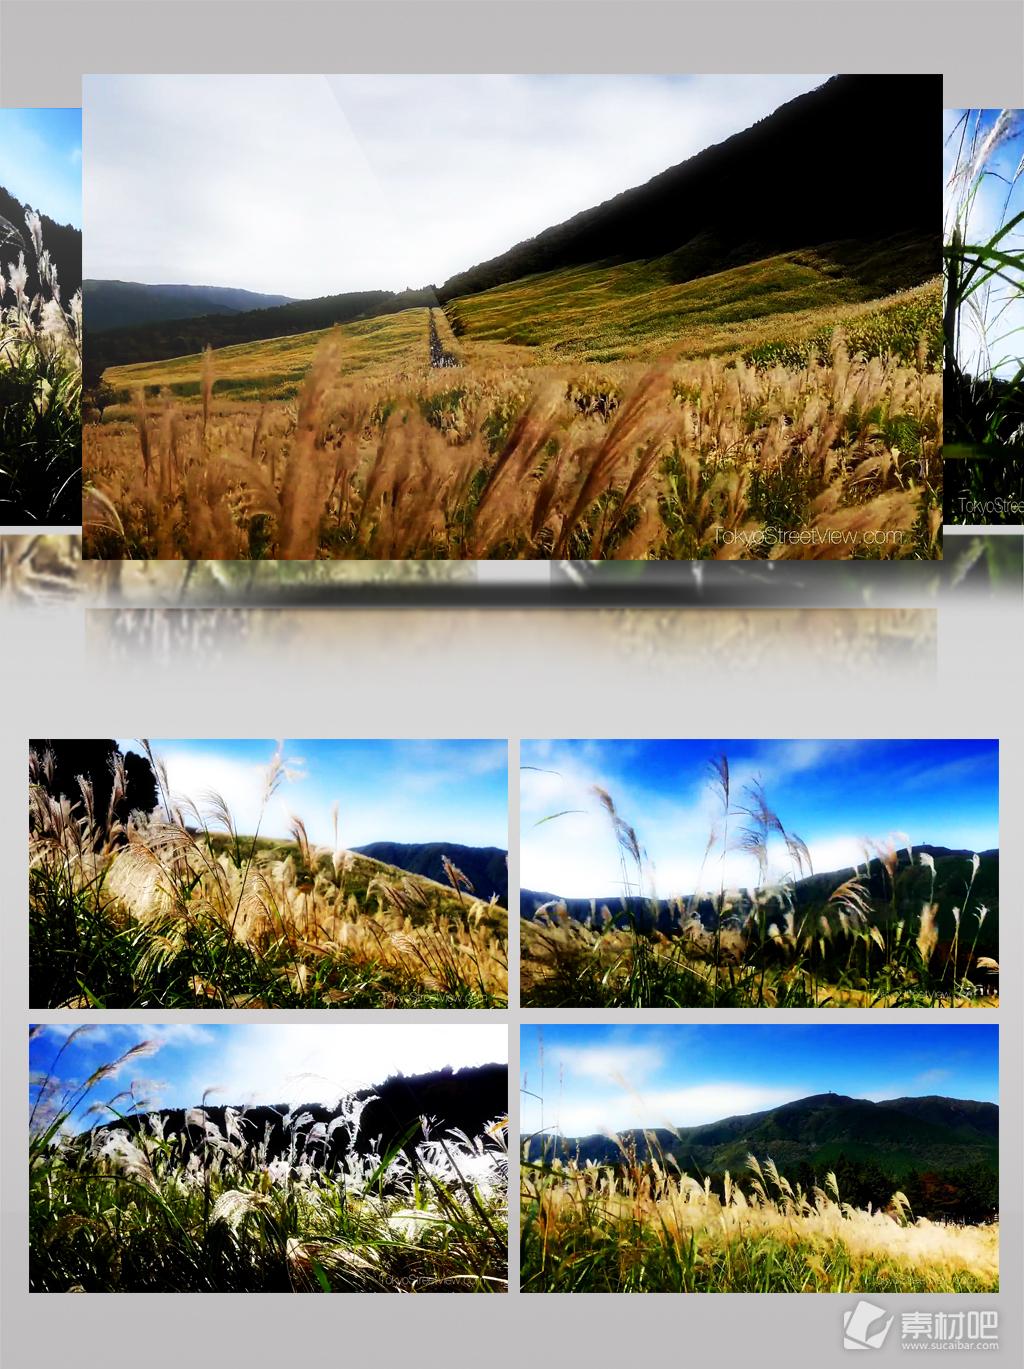 1080P超清白芒草草原风景